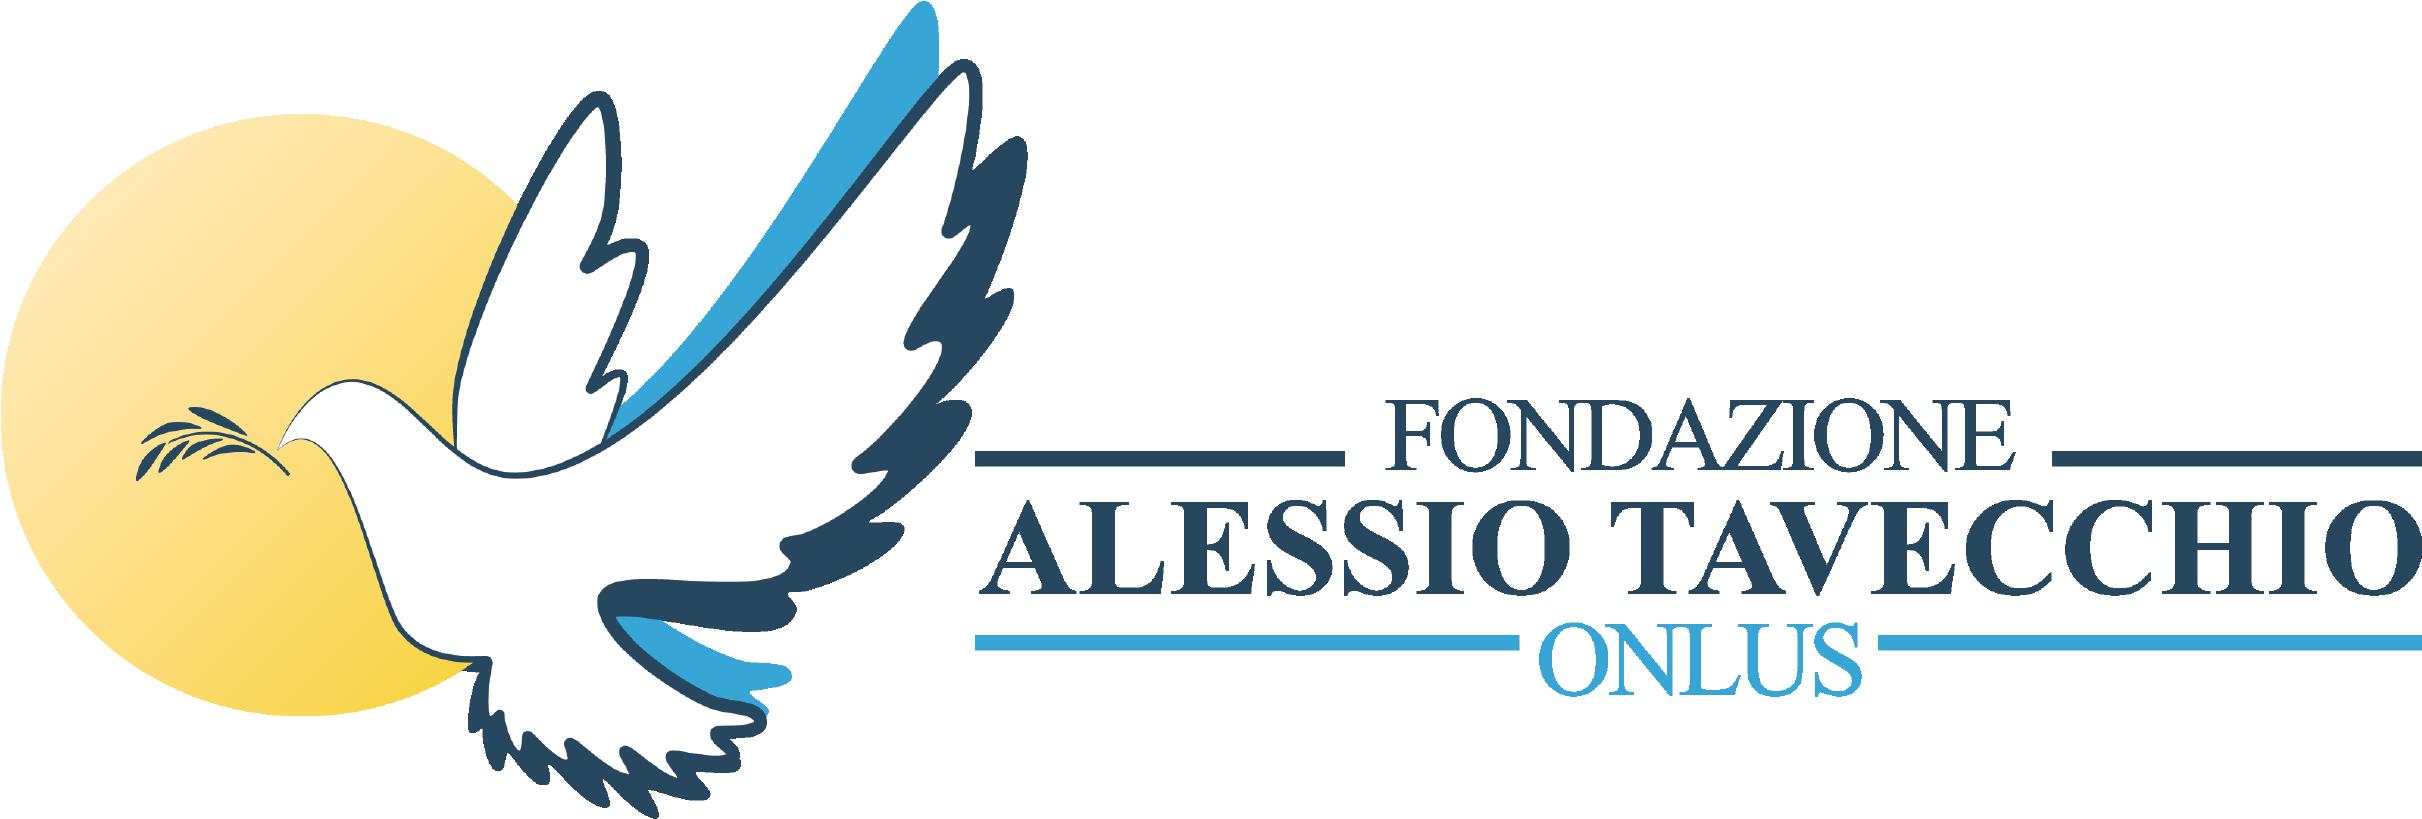 Fondazione Alessio Tavecchio Onlus